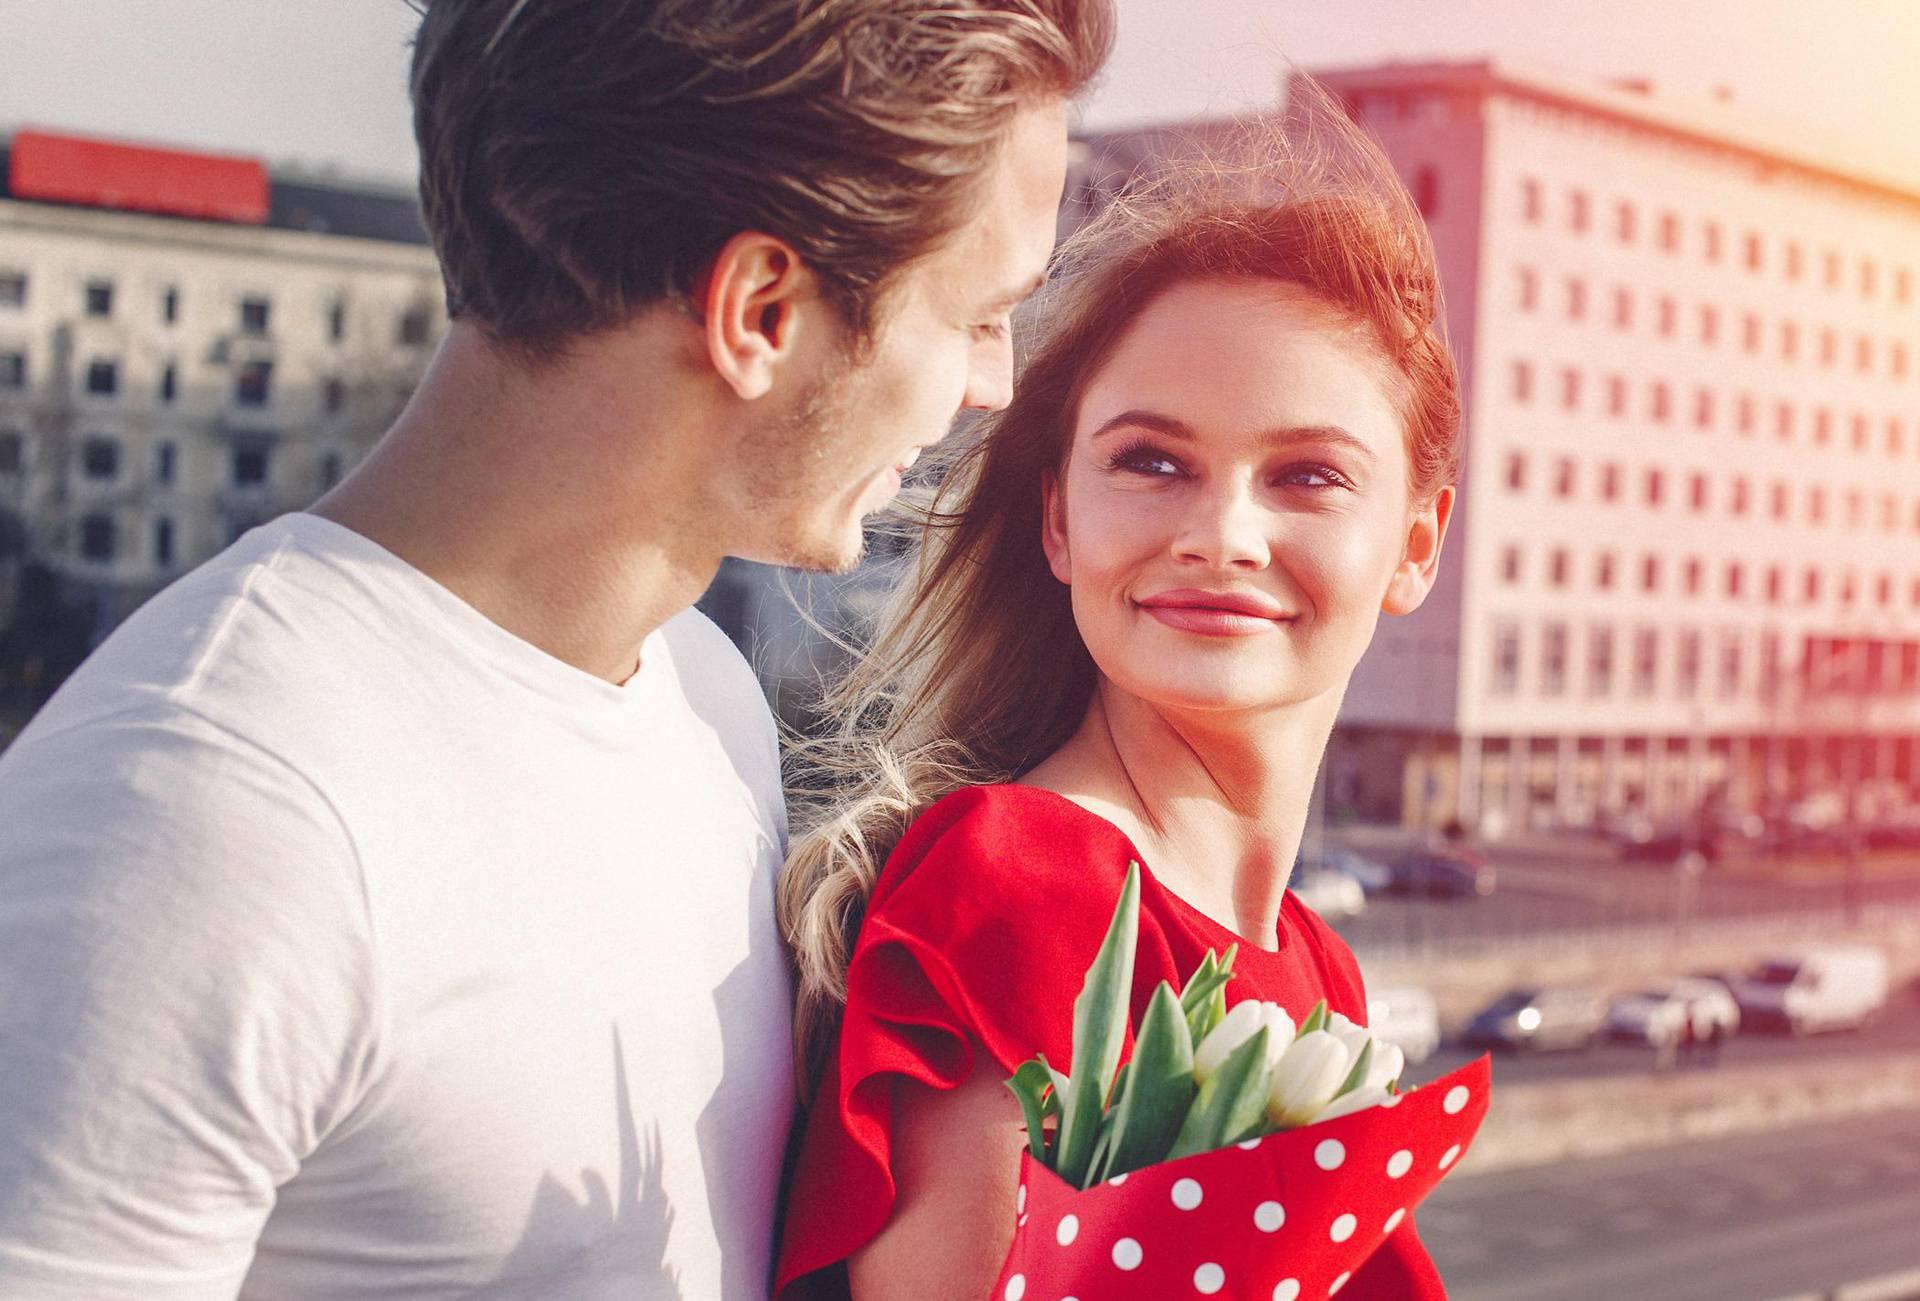 Stalno se zaljubljujete u krive ljude? Postoji tip osobnosti kojemu se to češće događa